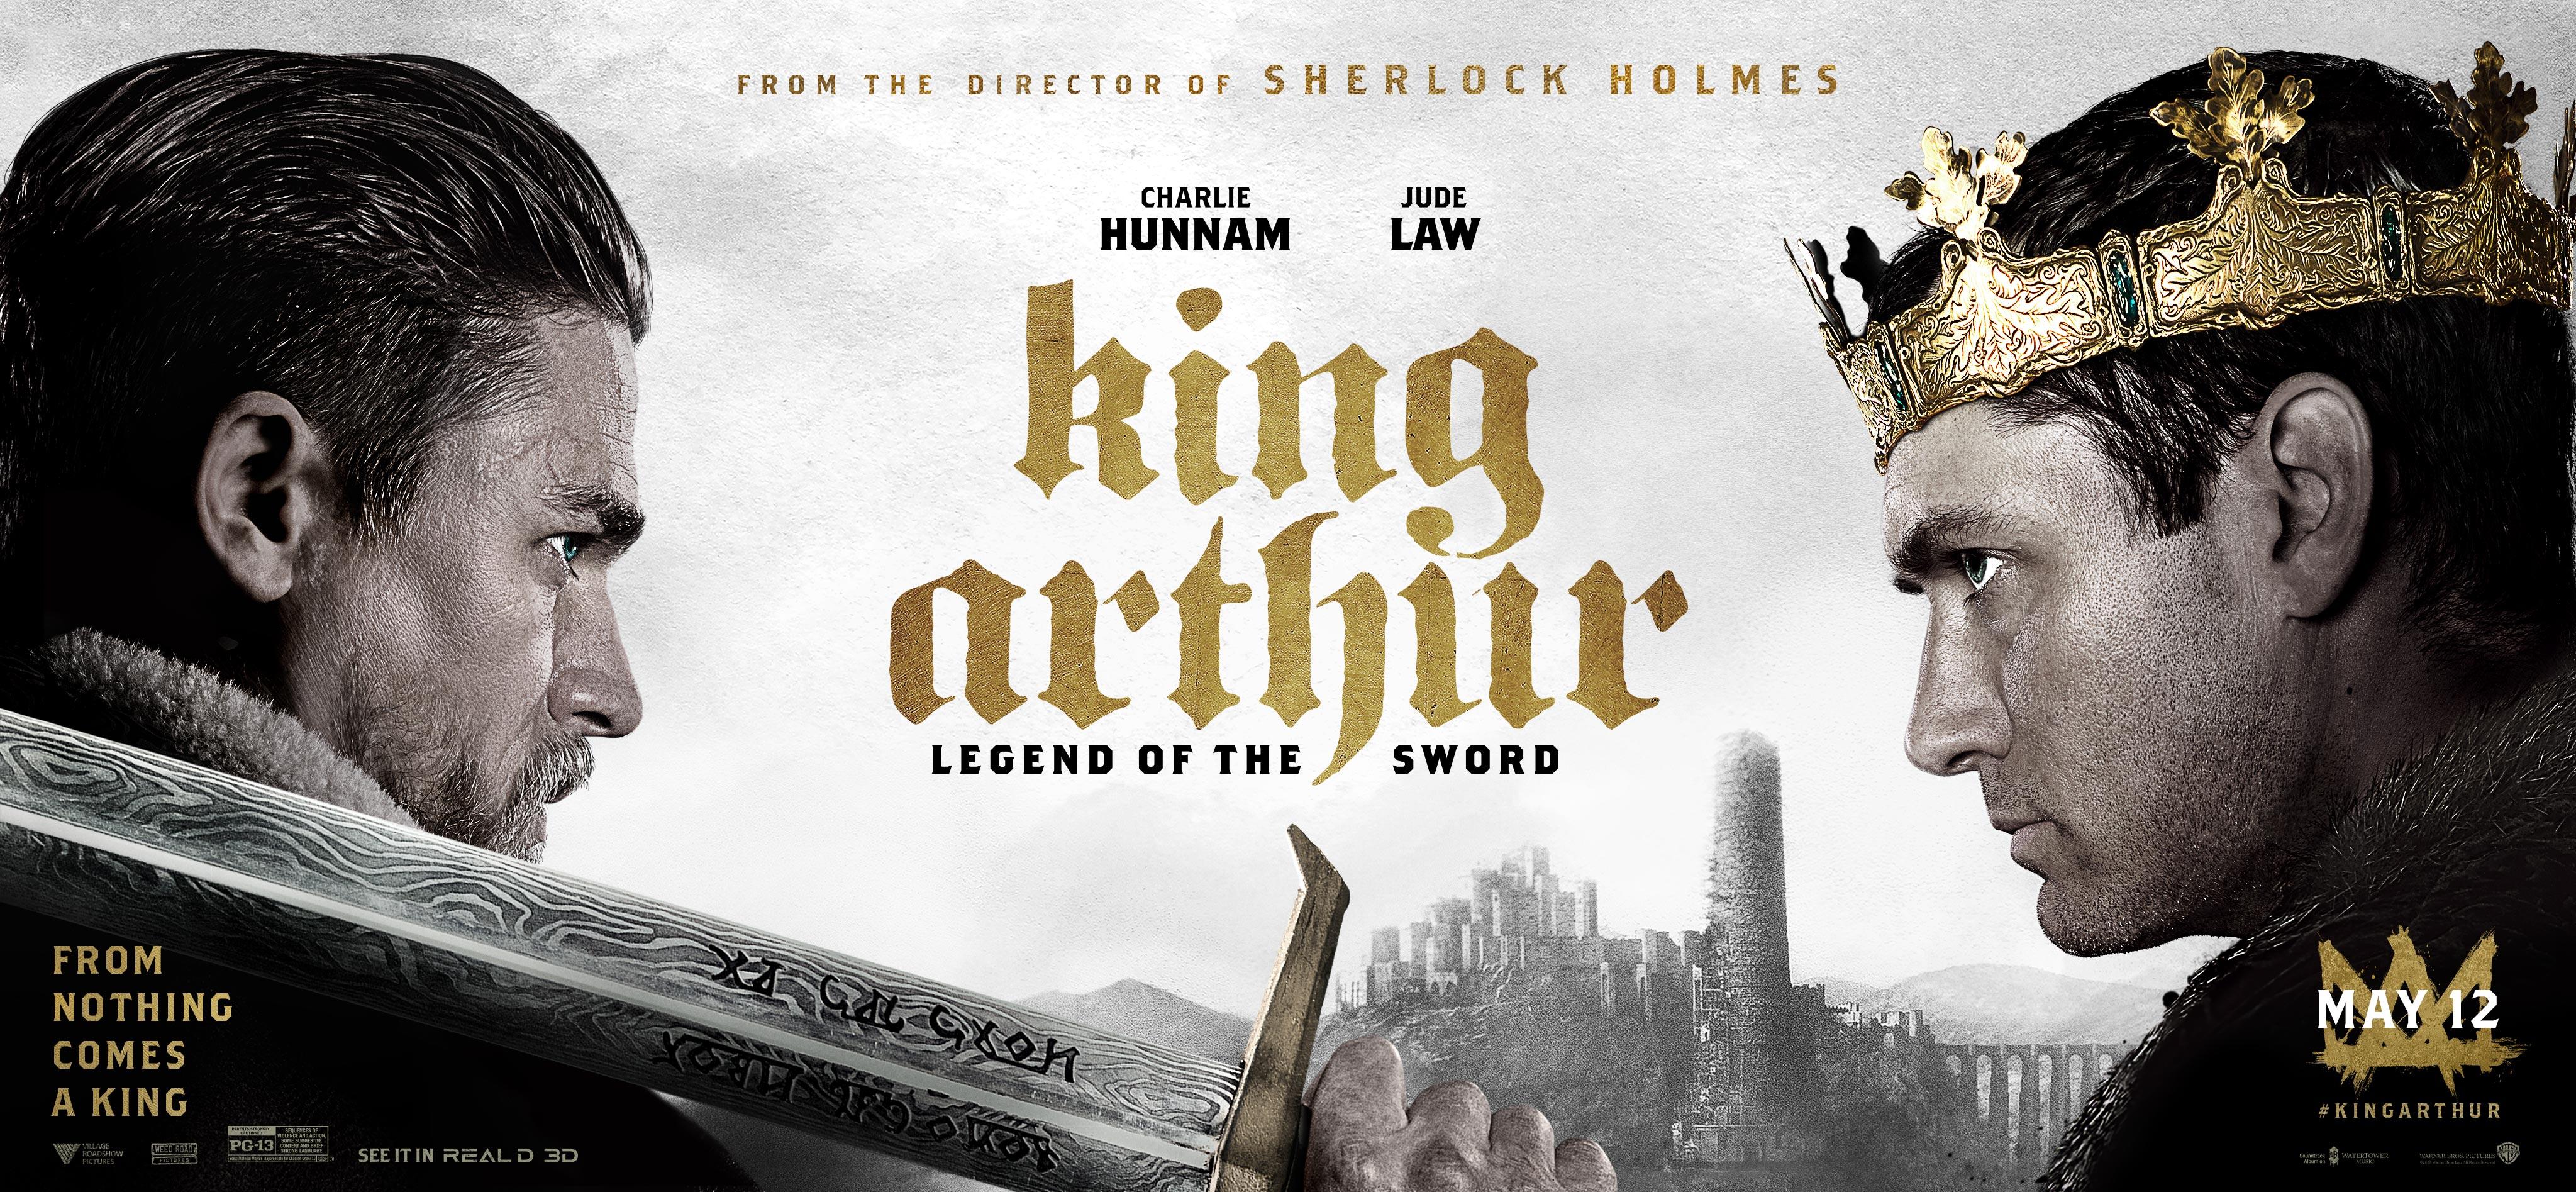 film-review-king-arthur-legend-of-the-sword-01.jpg